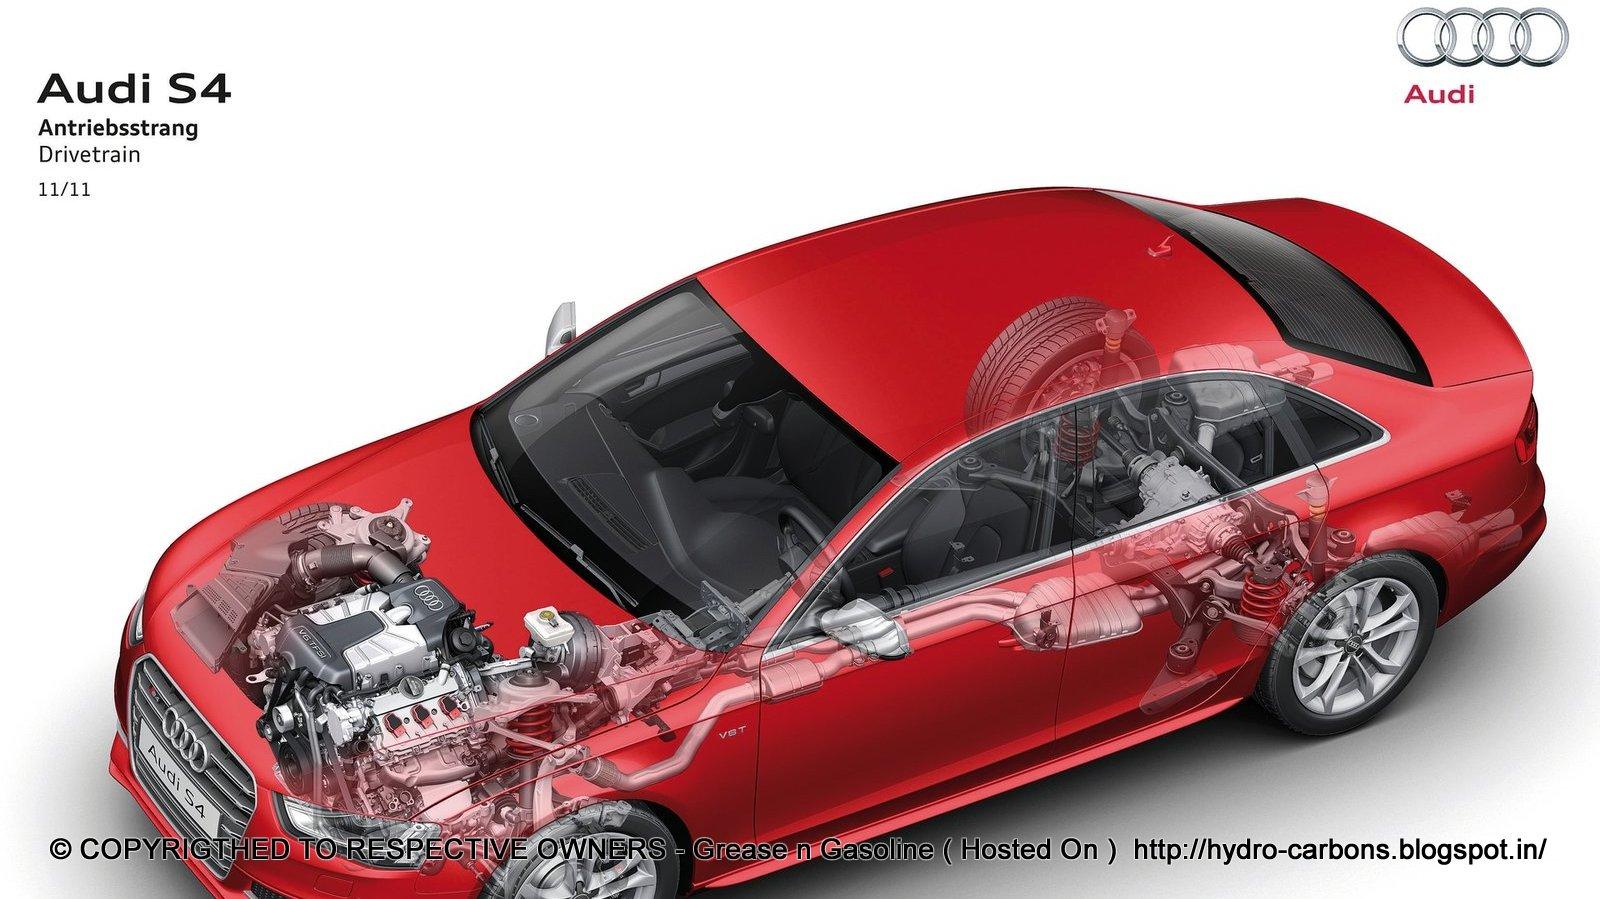 http://2.bp.blogspot.com/-GDAko2wrPyc/T82WxzcPC9I/AAAAAAAAWA8/W-ID_h2paB0/s1600/Audi-S4_2013_1600x1200_wallpaper_19.jpg